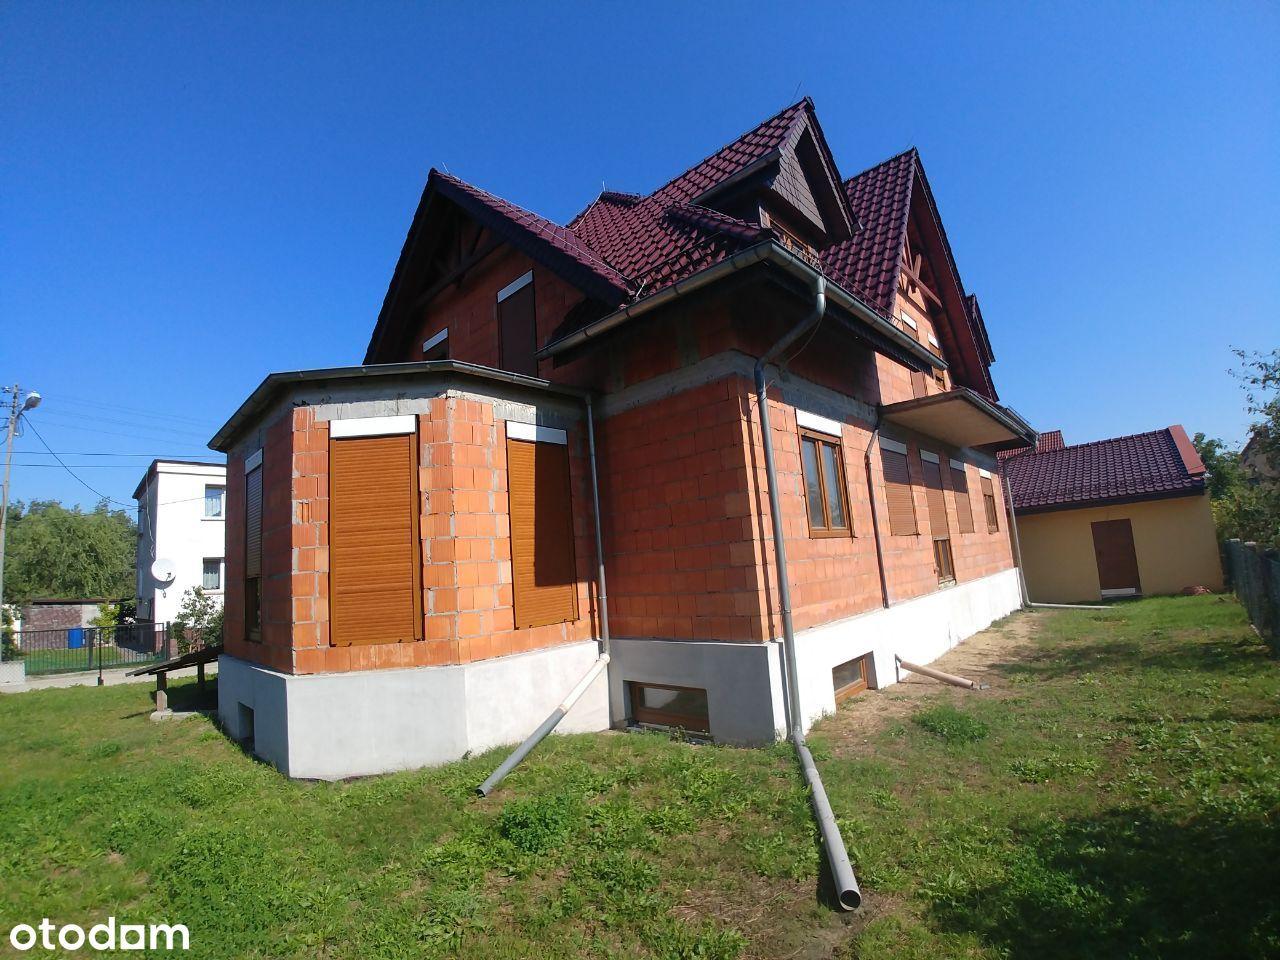 Dom w stanie deweloperskim niskim w Grudzicach